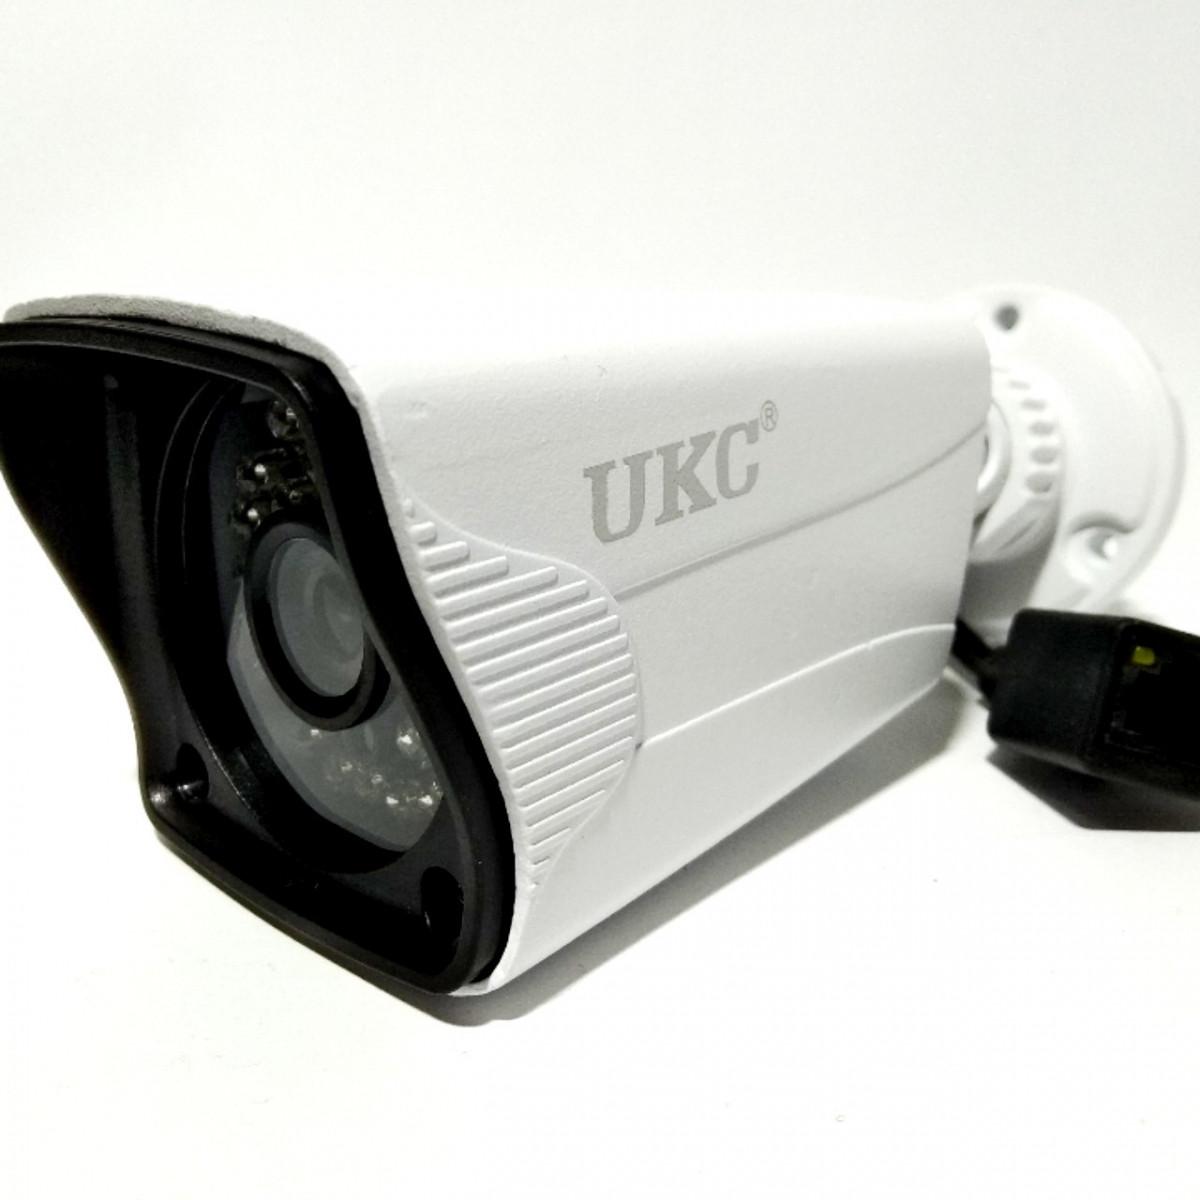 Камера CAMERA UKC IP 134 SIP 1.0MP 3,6 мм DC 12V SYS PAL ИК подсветка цифровая уличная с кронштейном